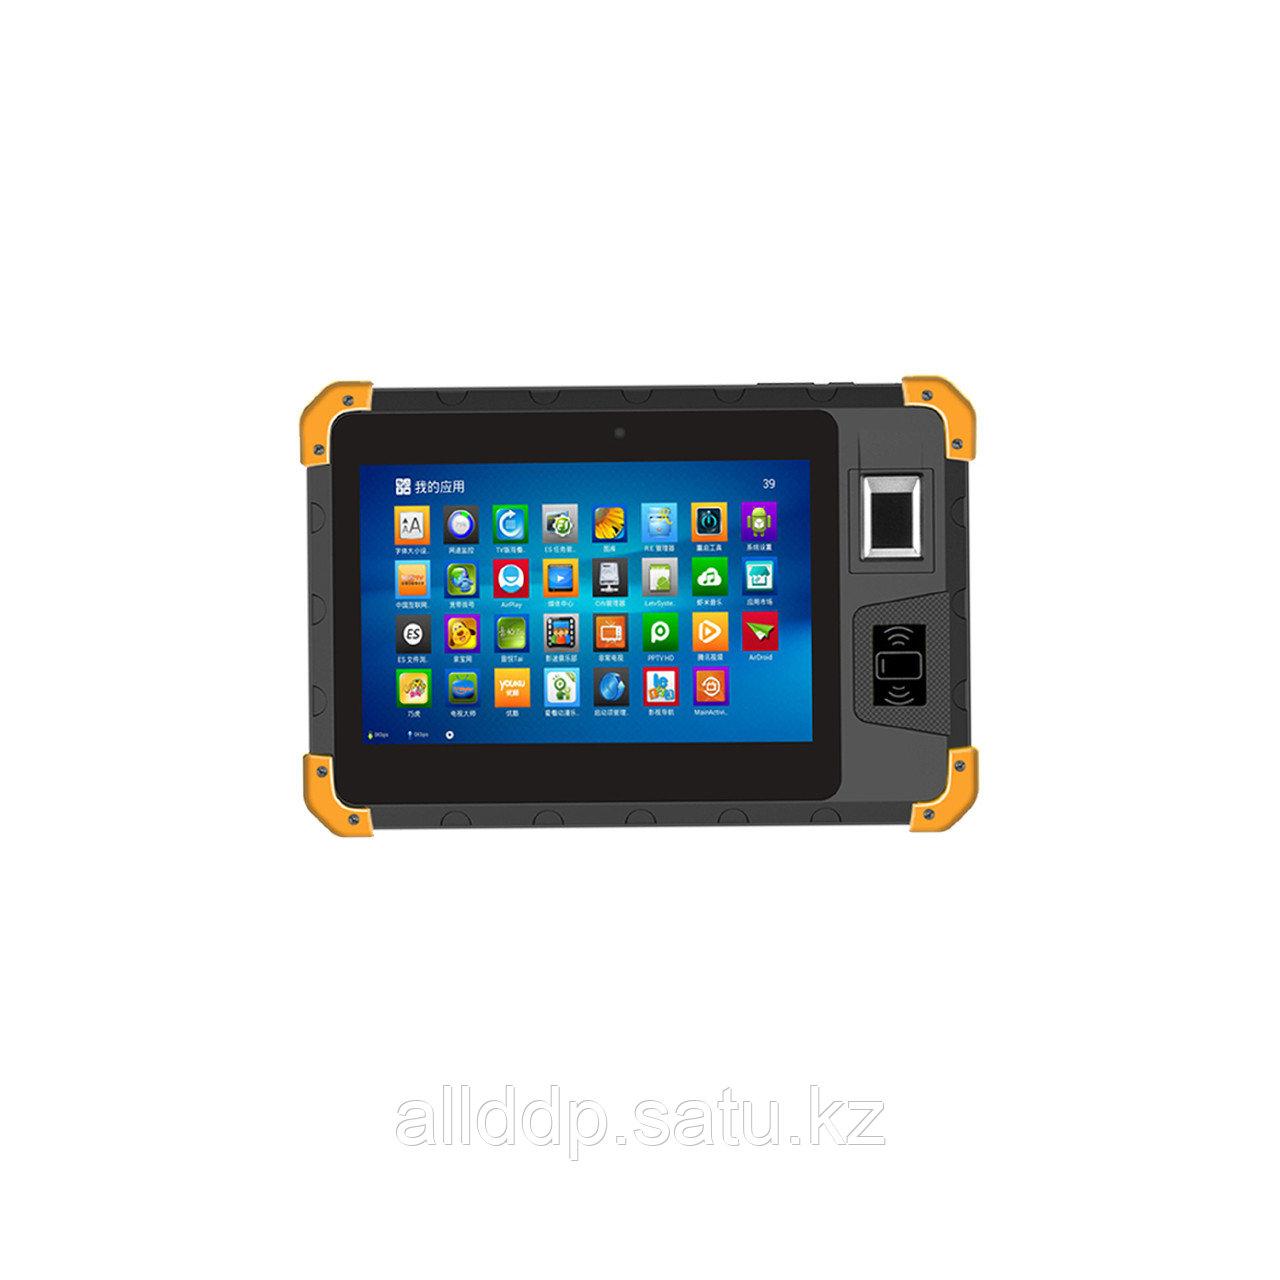 Умный промышленный планшет Z200